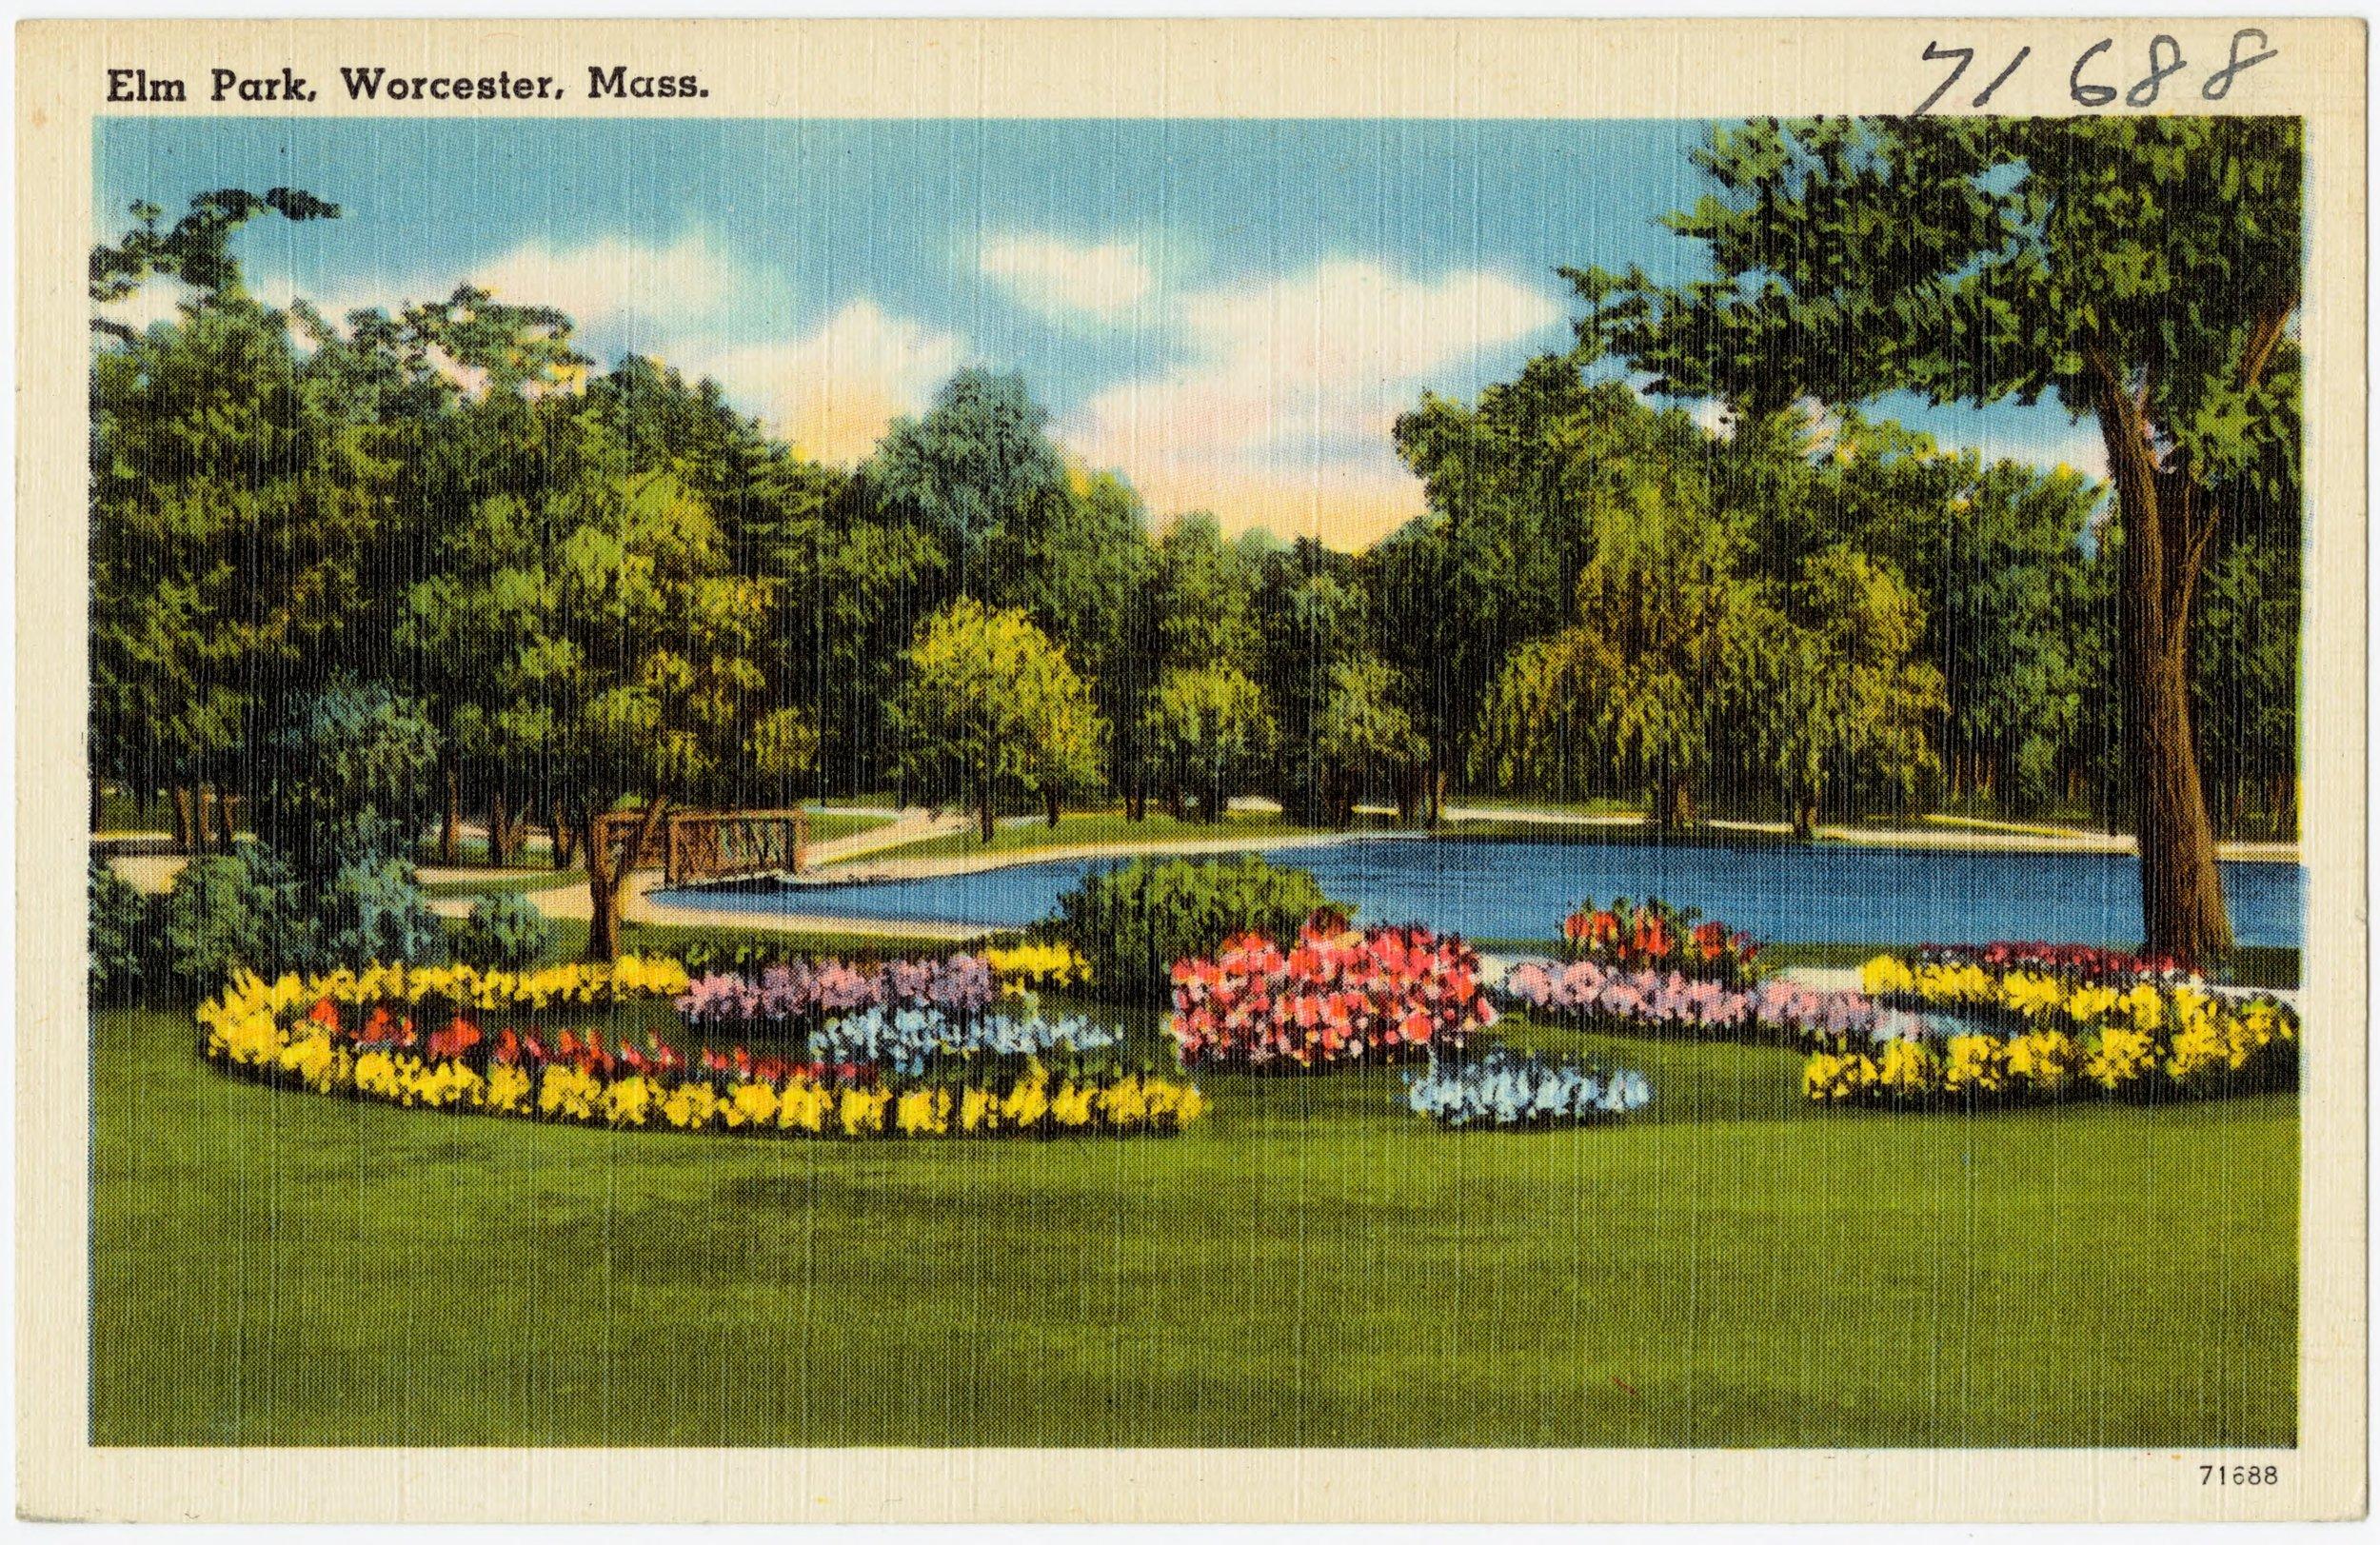 Elm_Park,_Worcester,_Mass_(71688).jpg